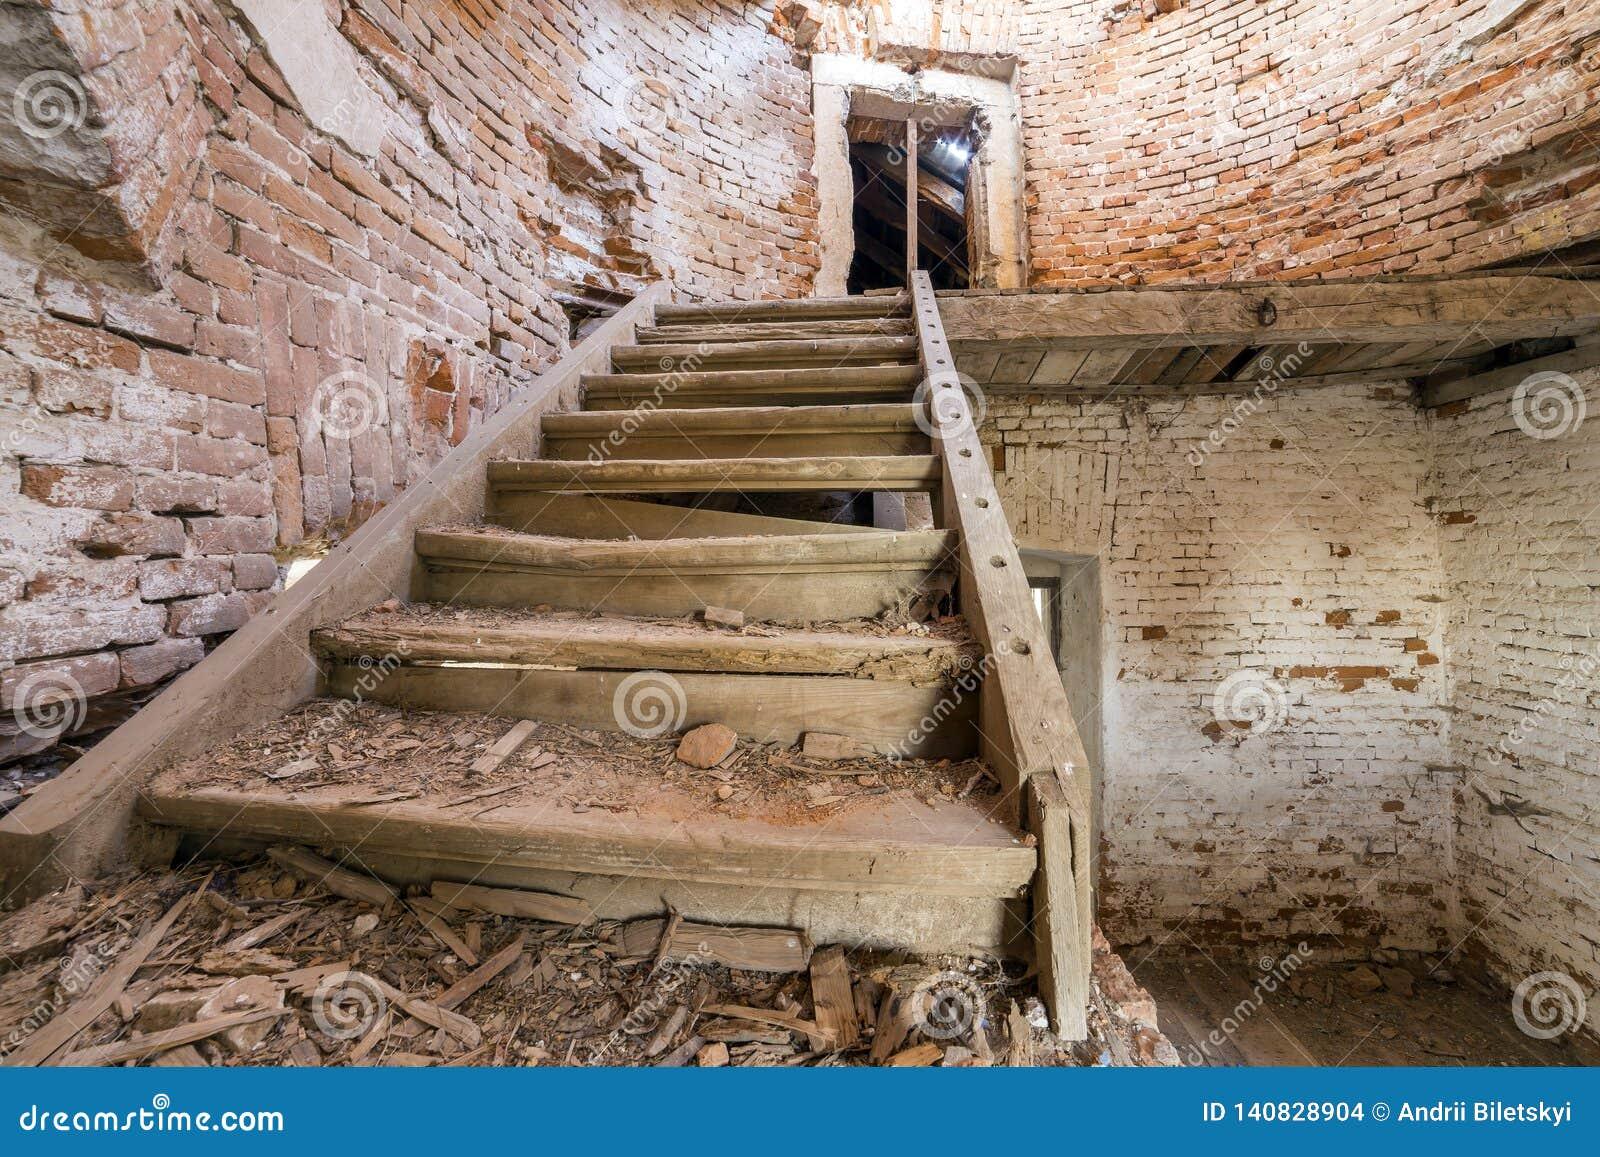 Grote ruime achtergelatene lege kelderverdiepingsruimte van de oud bouw of paleis met gebarsten gepleisterde bakstenen muren, vui